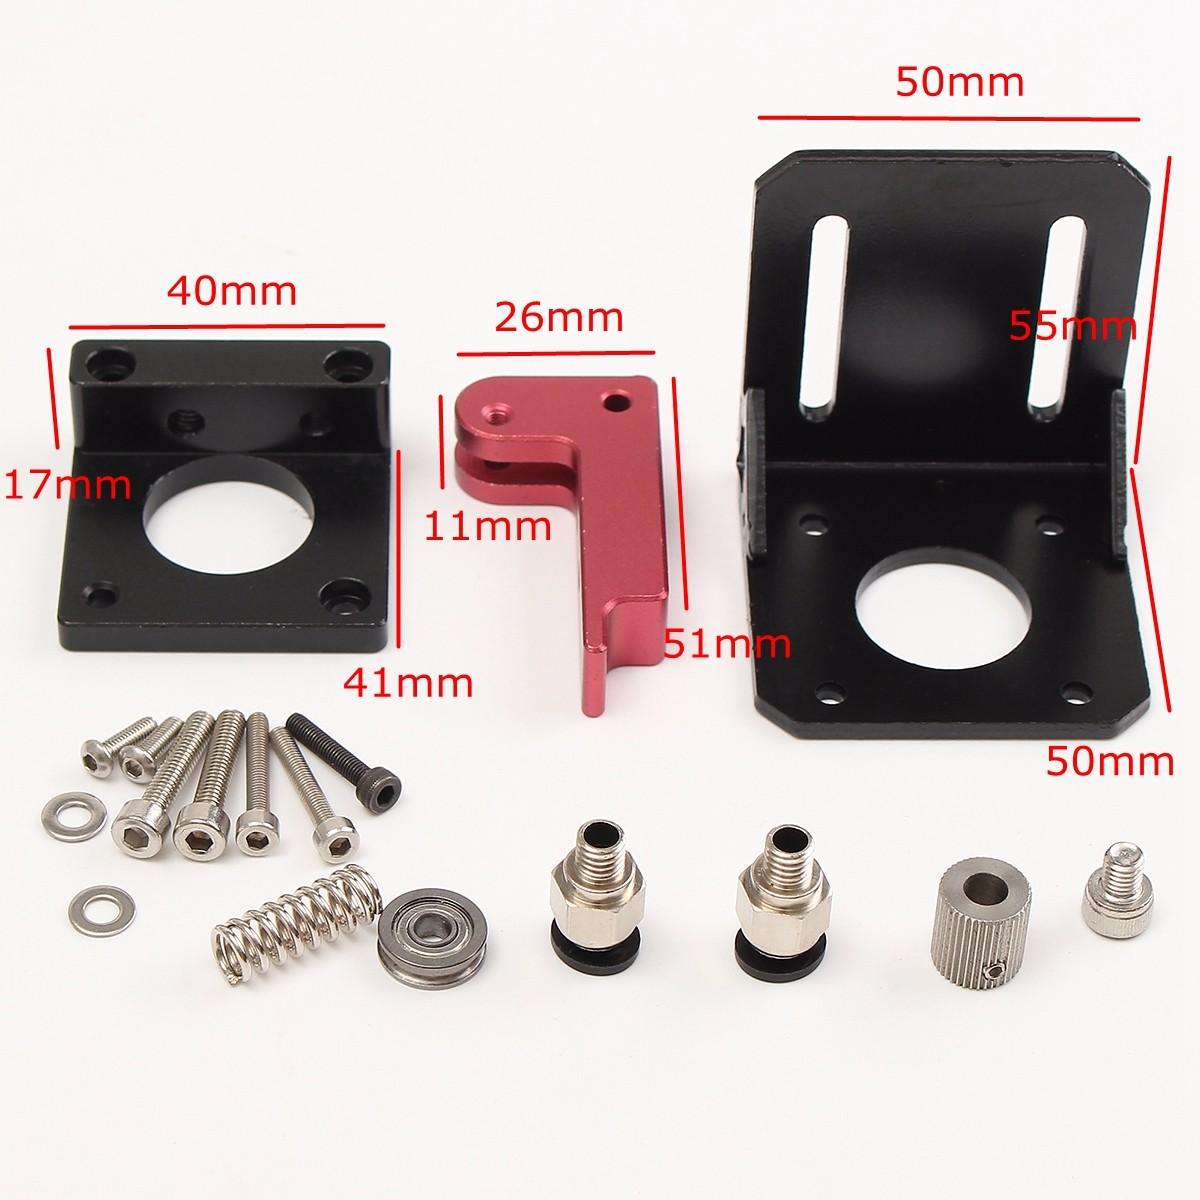 MK8 Все металлические Дистанционный экструдеры для 3D-принтеров 1.75мм филамент - фото 5